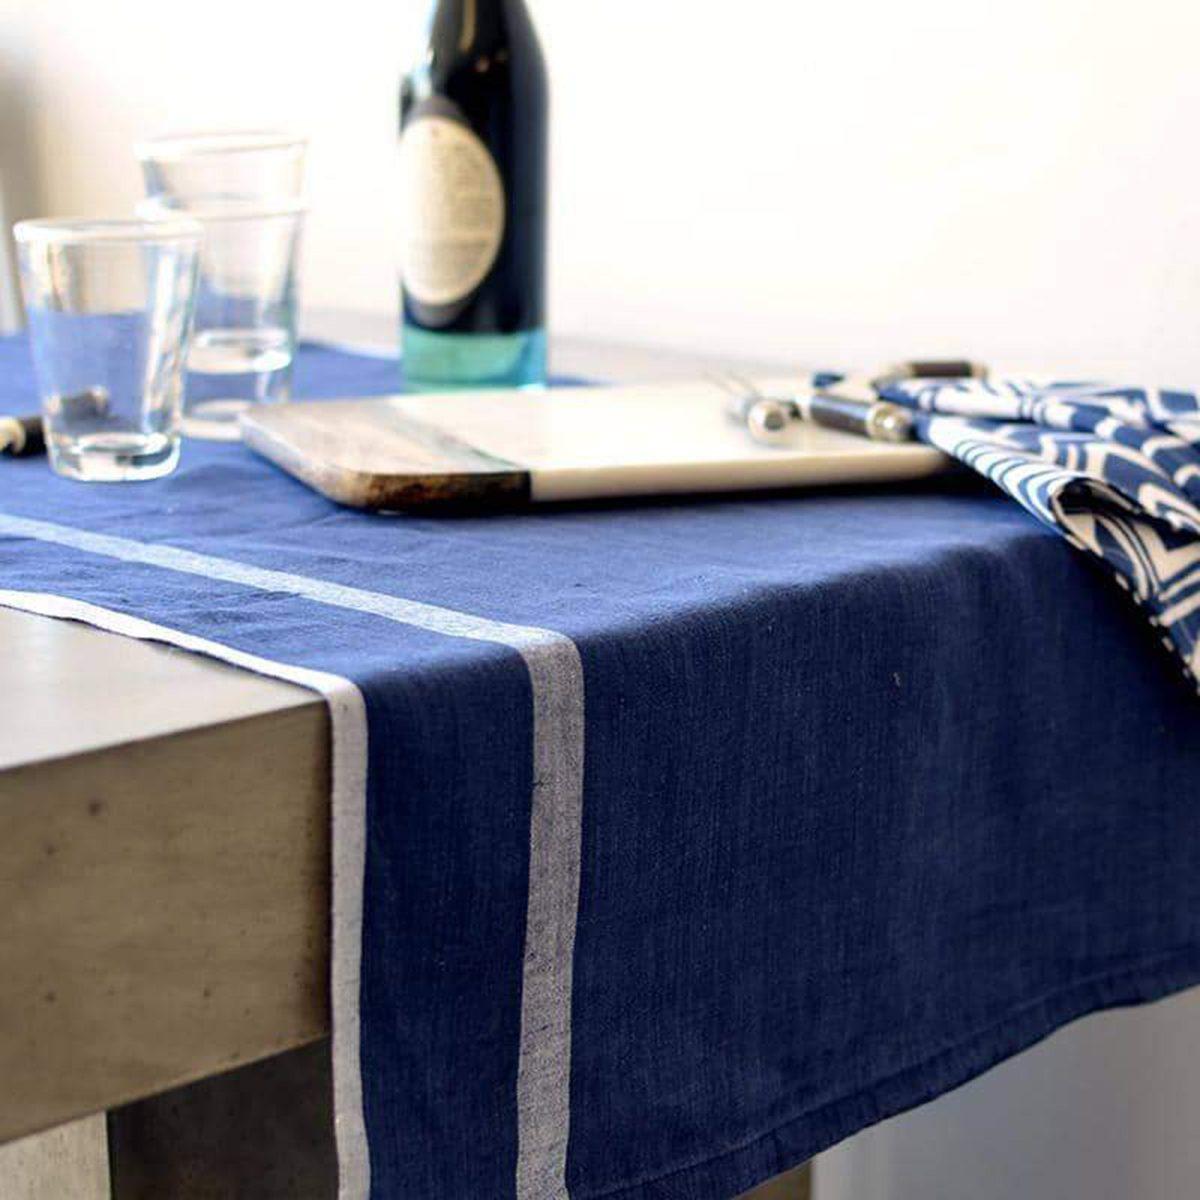 Laundered Linen Runner Indigo & White